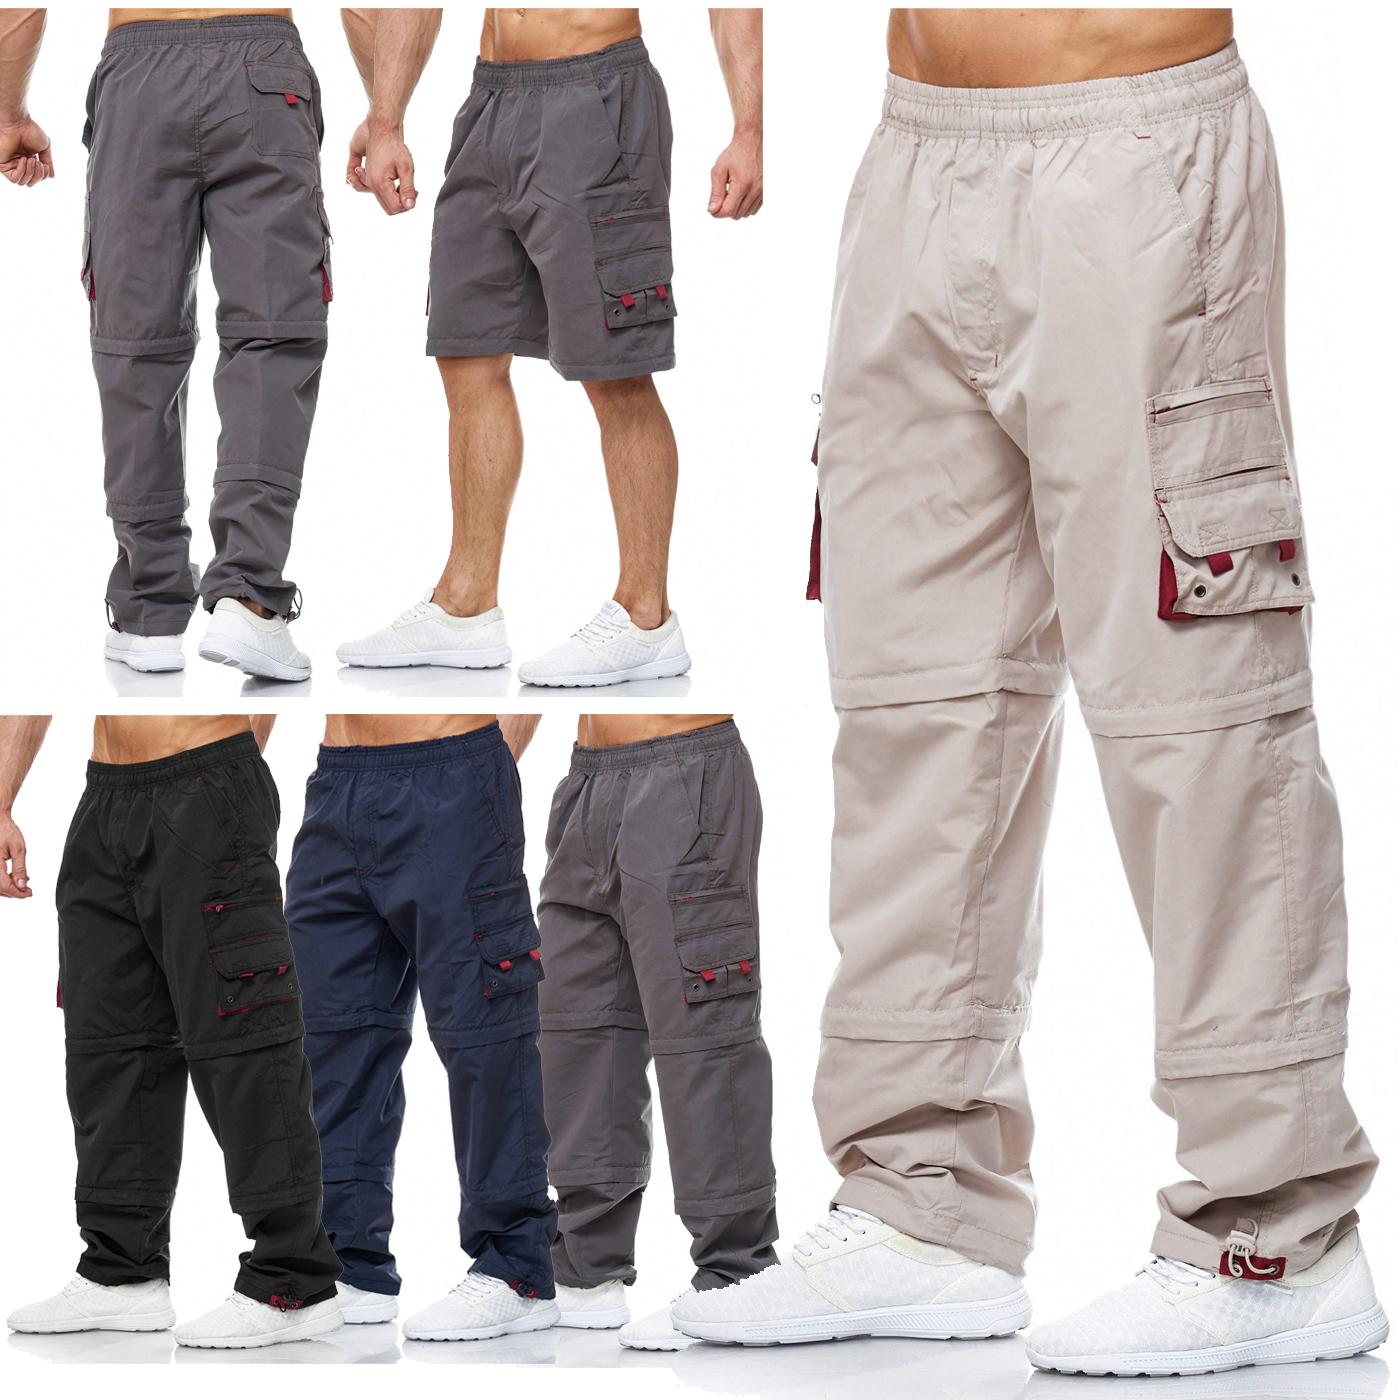 85fc90316308 Herren Cargo Hose Zip Off Länge Teilbar Shorts Lang Kurz Pants Cargohose  Arbeit - Nr 2035